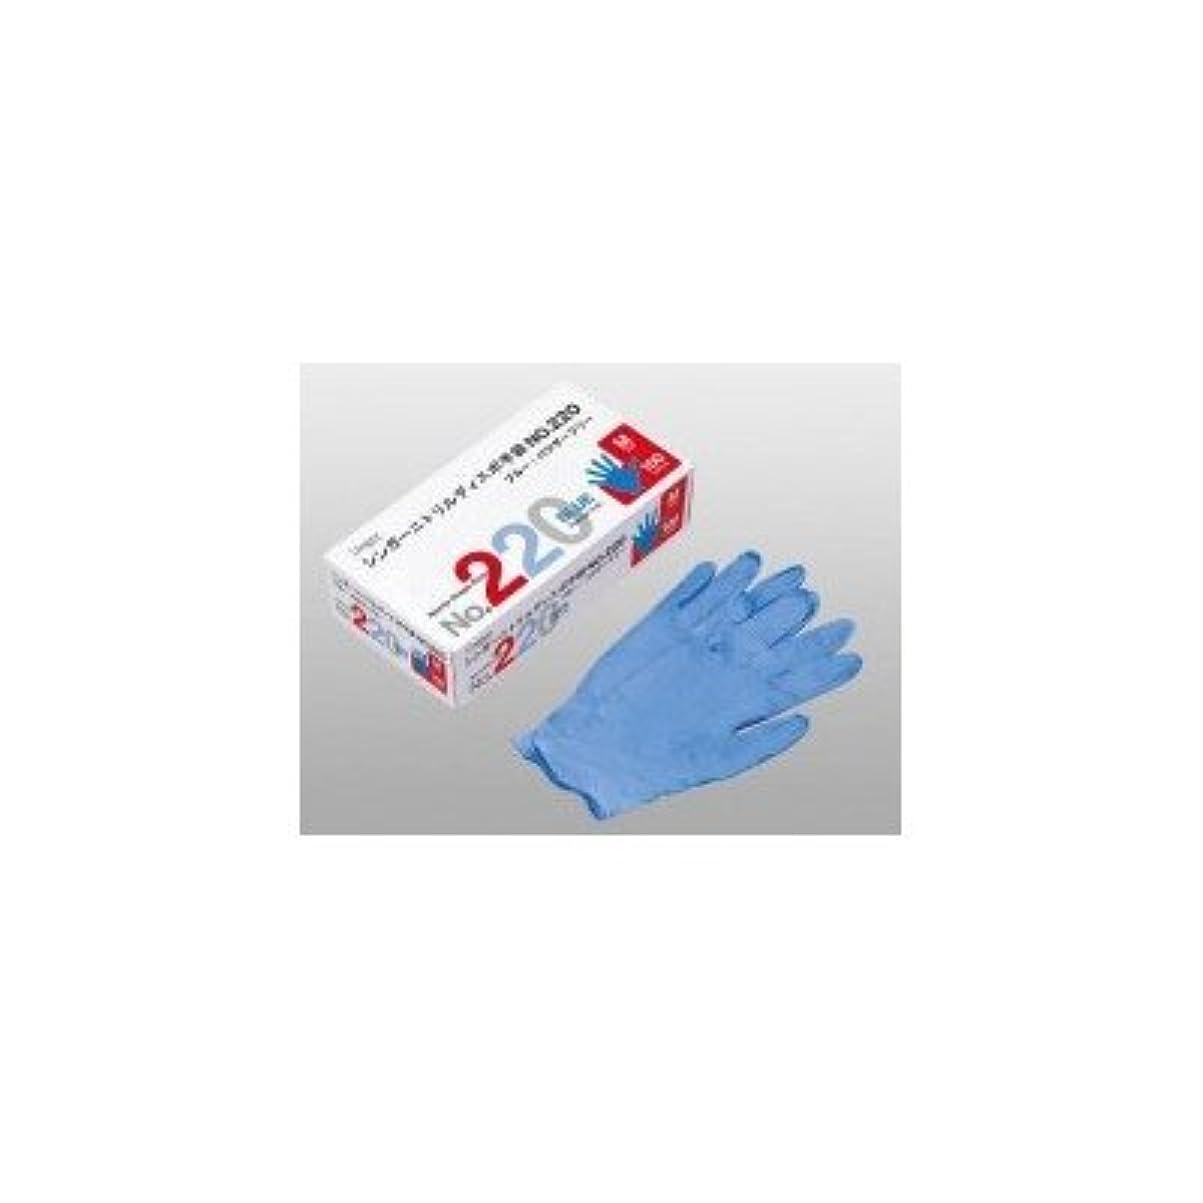 方法論請求可能間欠シンガーニトリルディスポ手袋 No.220 ブルー パウダーフリー(100枚) M( 画像はイメージ画像です お届けの商品はMのみとなります)